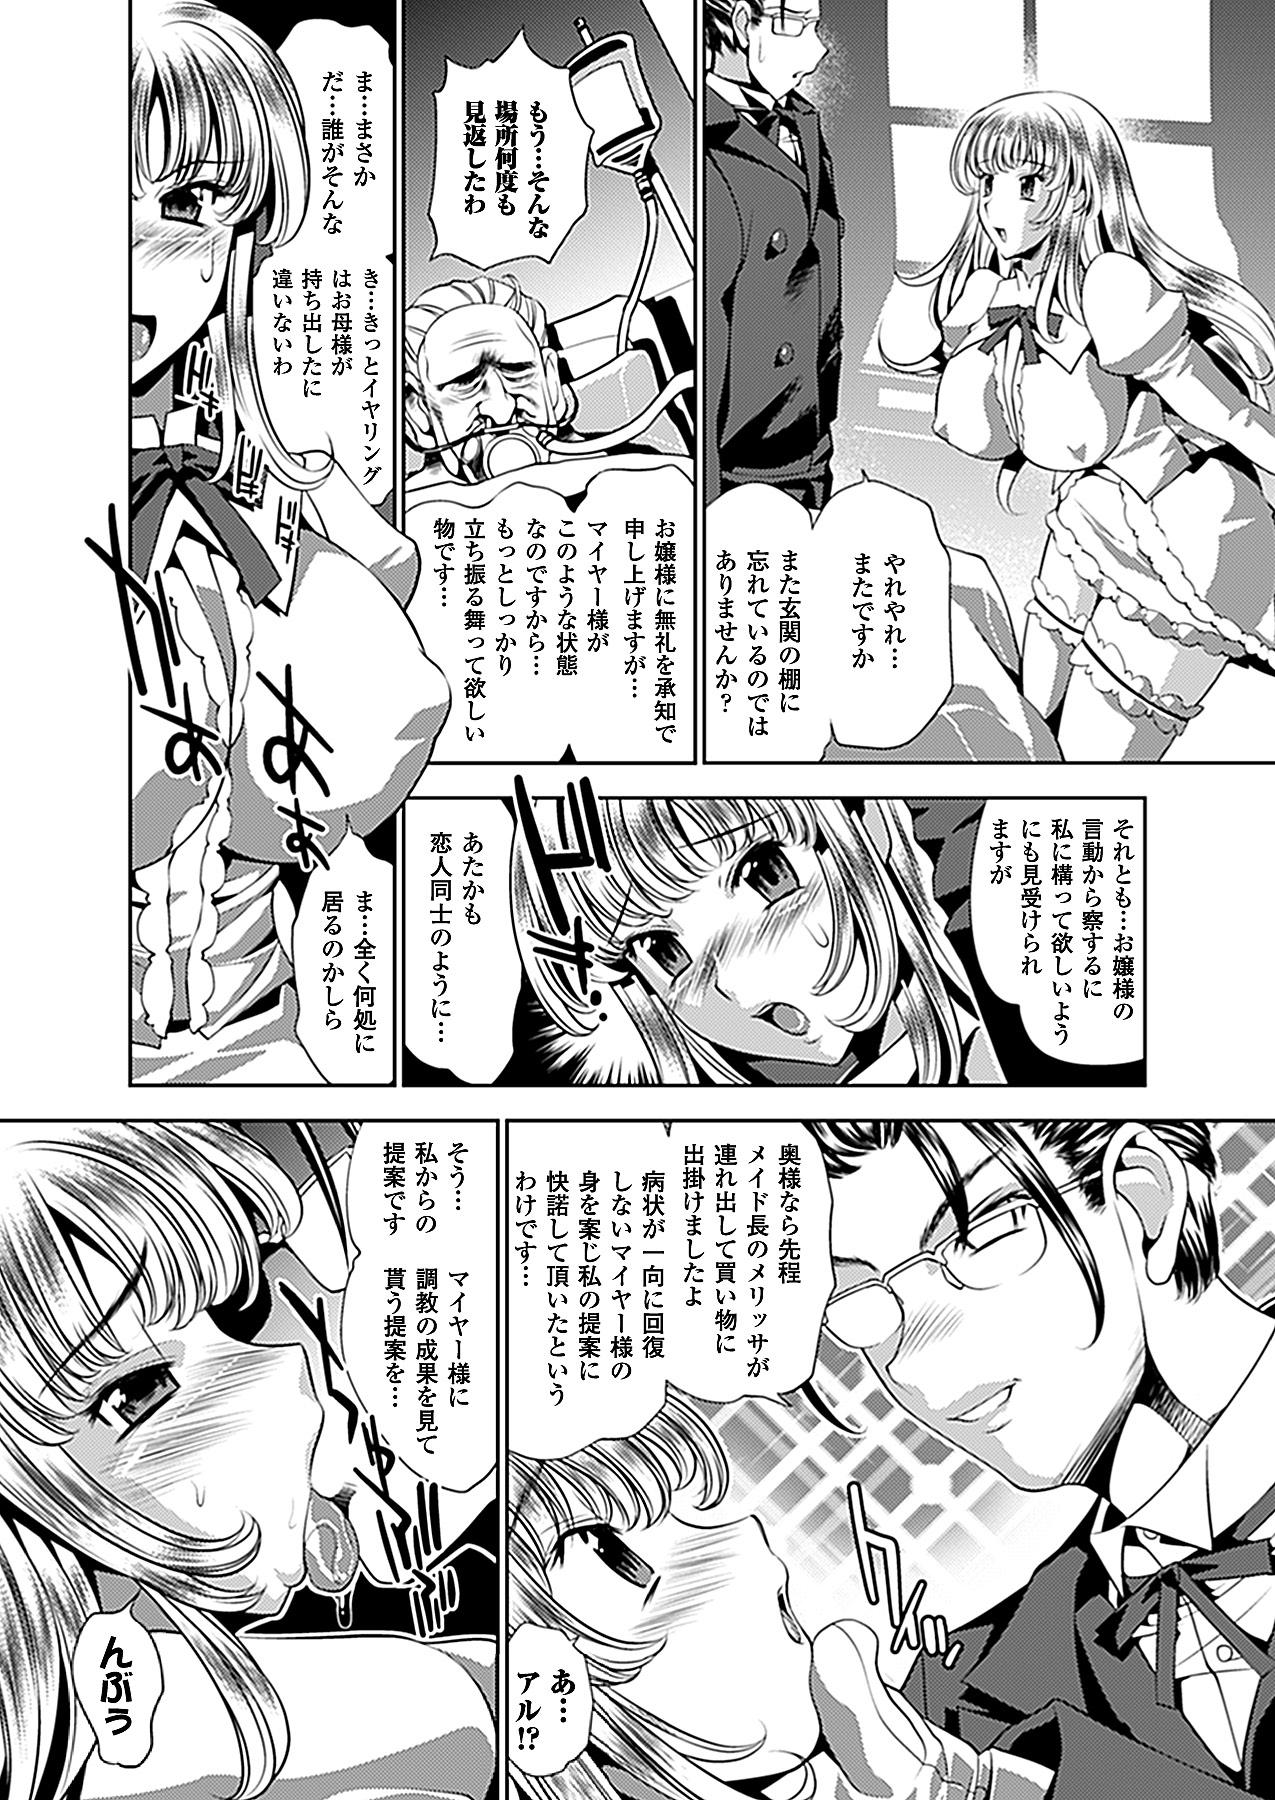 COMIC Unreal 2012-02 Vol. 35 188